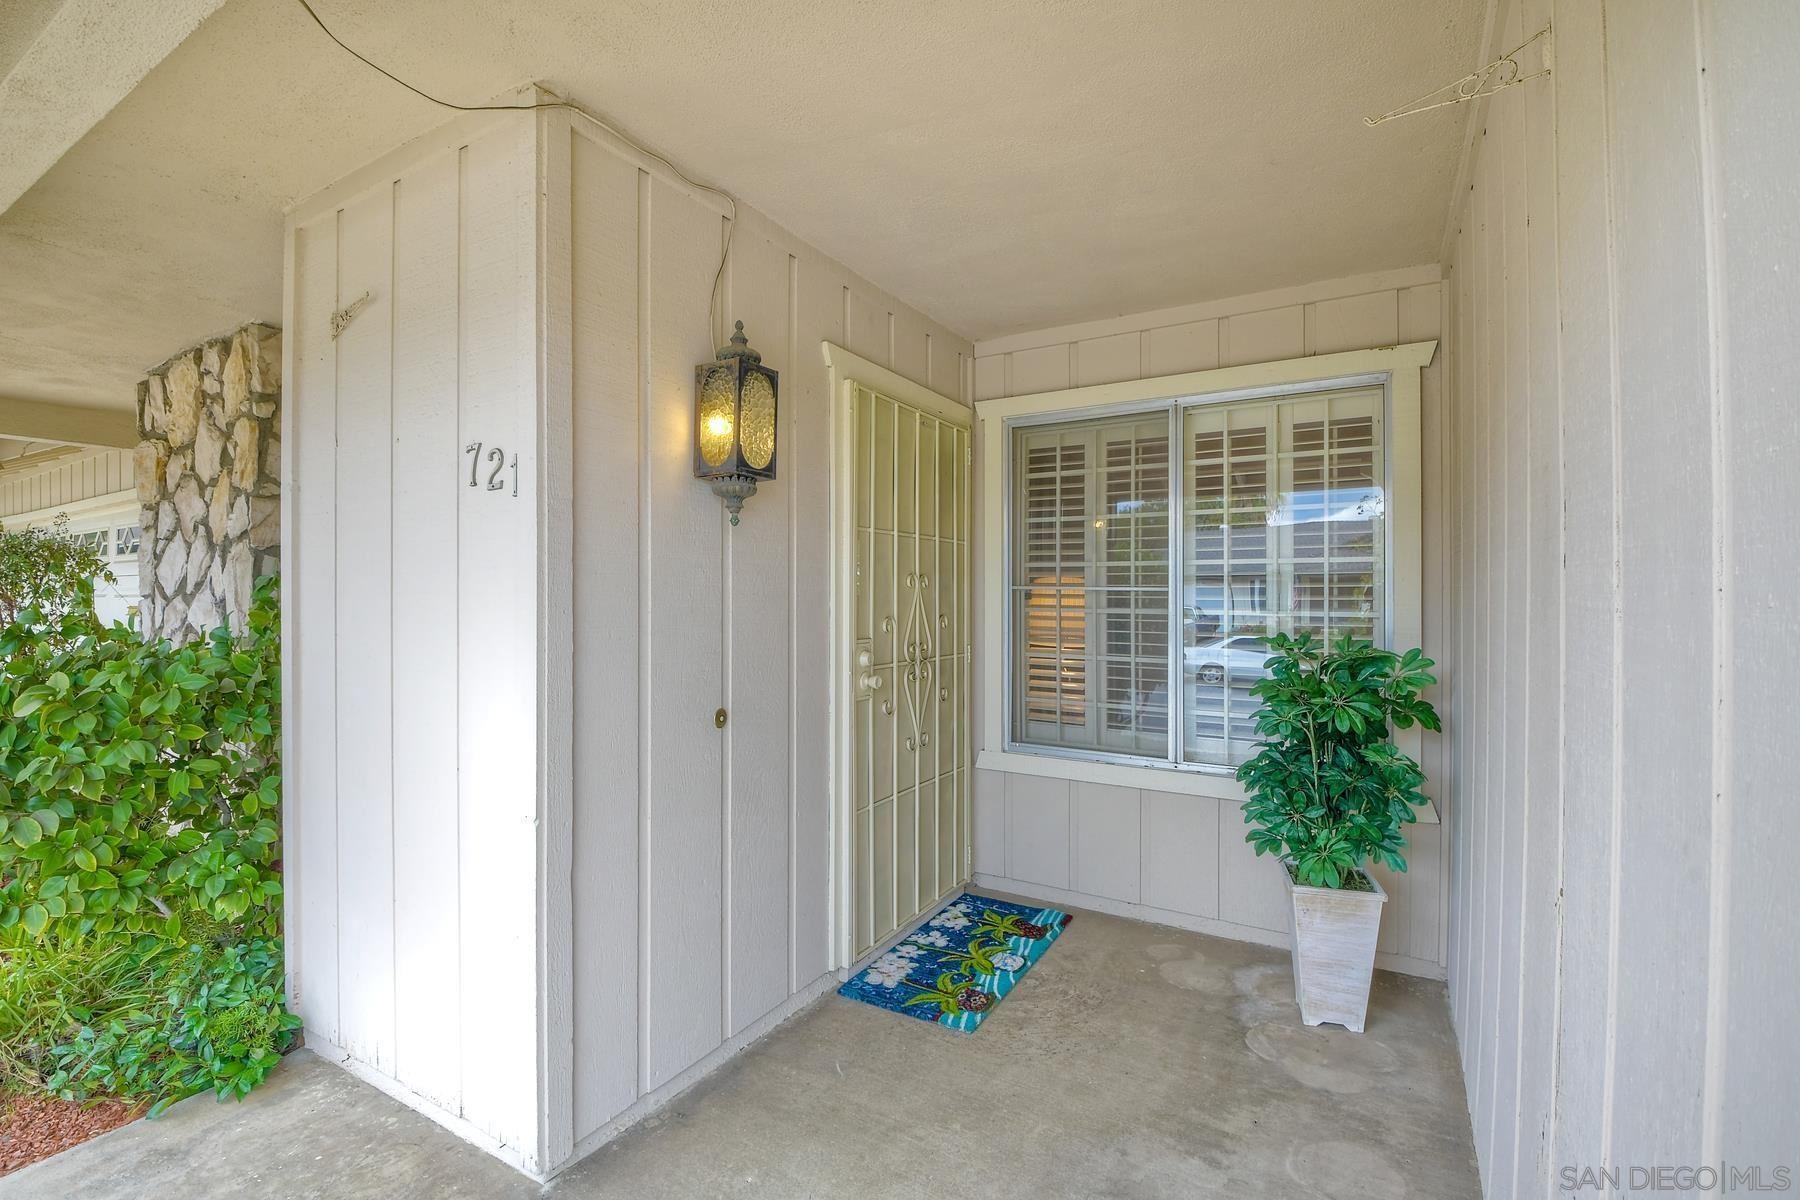 Photo of 721 Overlook St, Escondido, CA 92027 (MLS # 210029501)